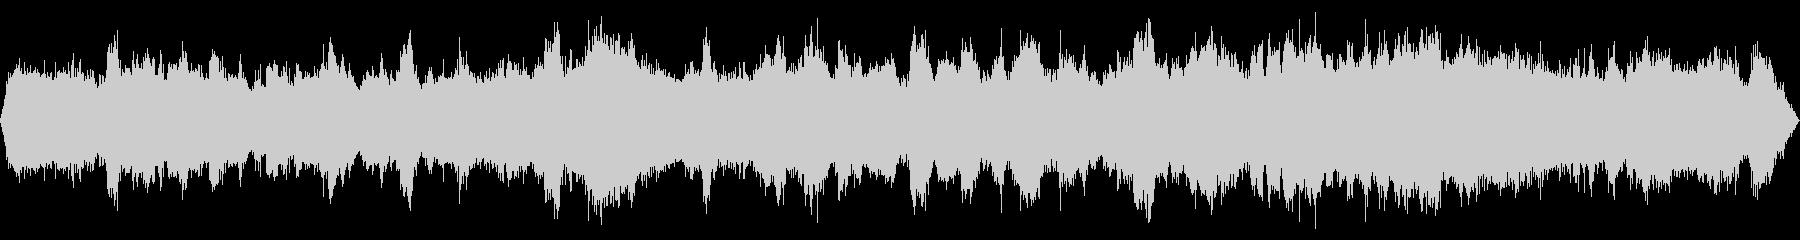 台風-1(19時台)_191012の未再生の波形